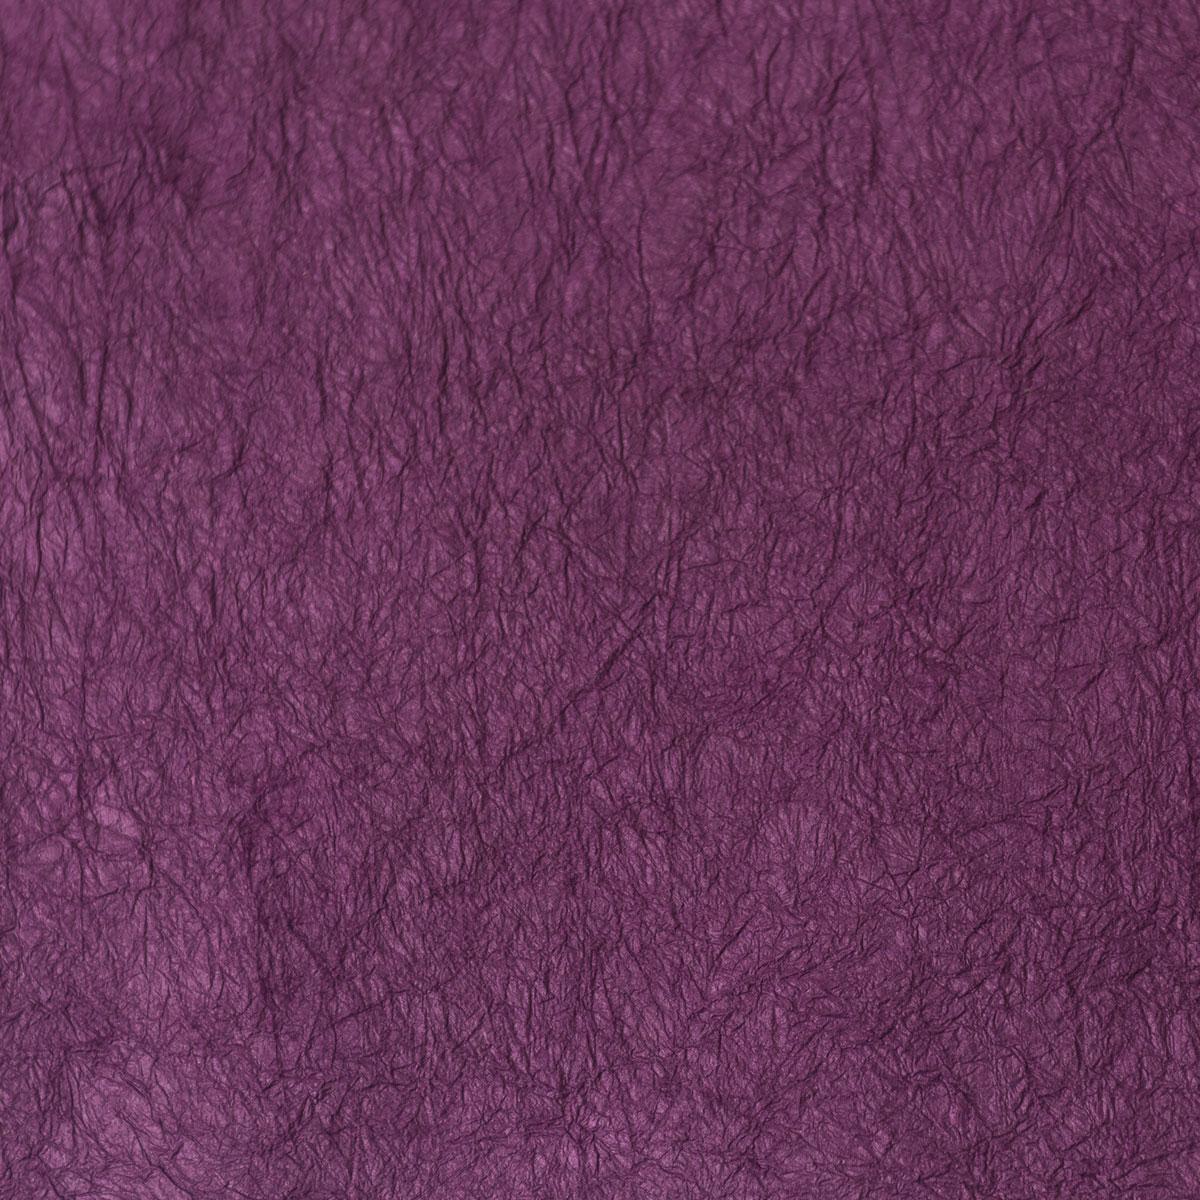 王朝のそめいろ 厚口 3番 深紫